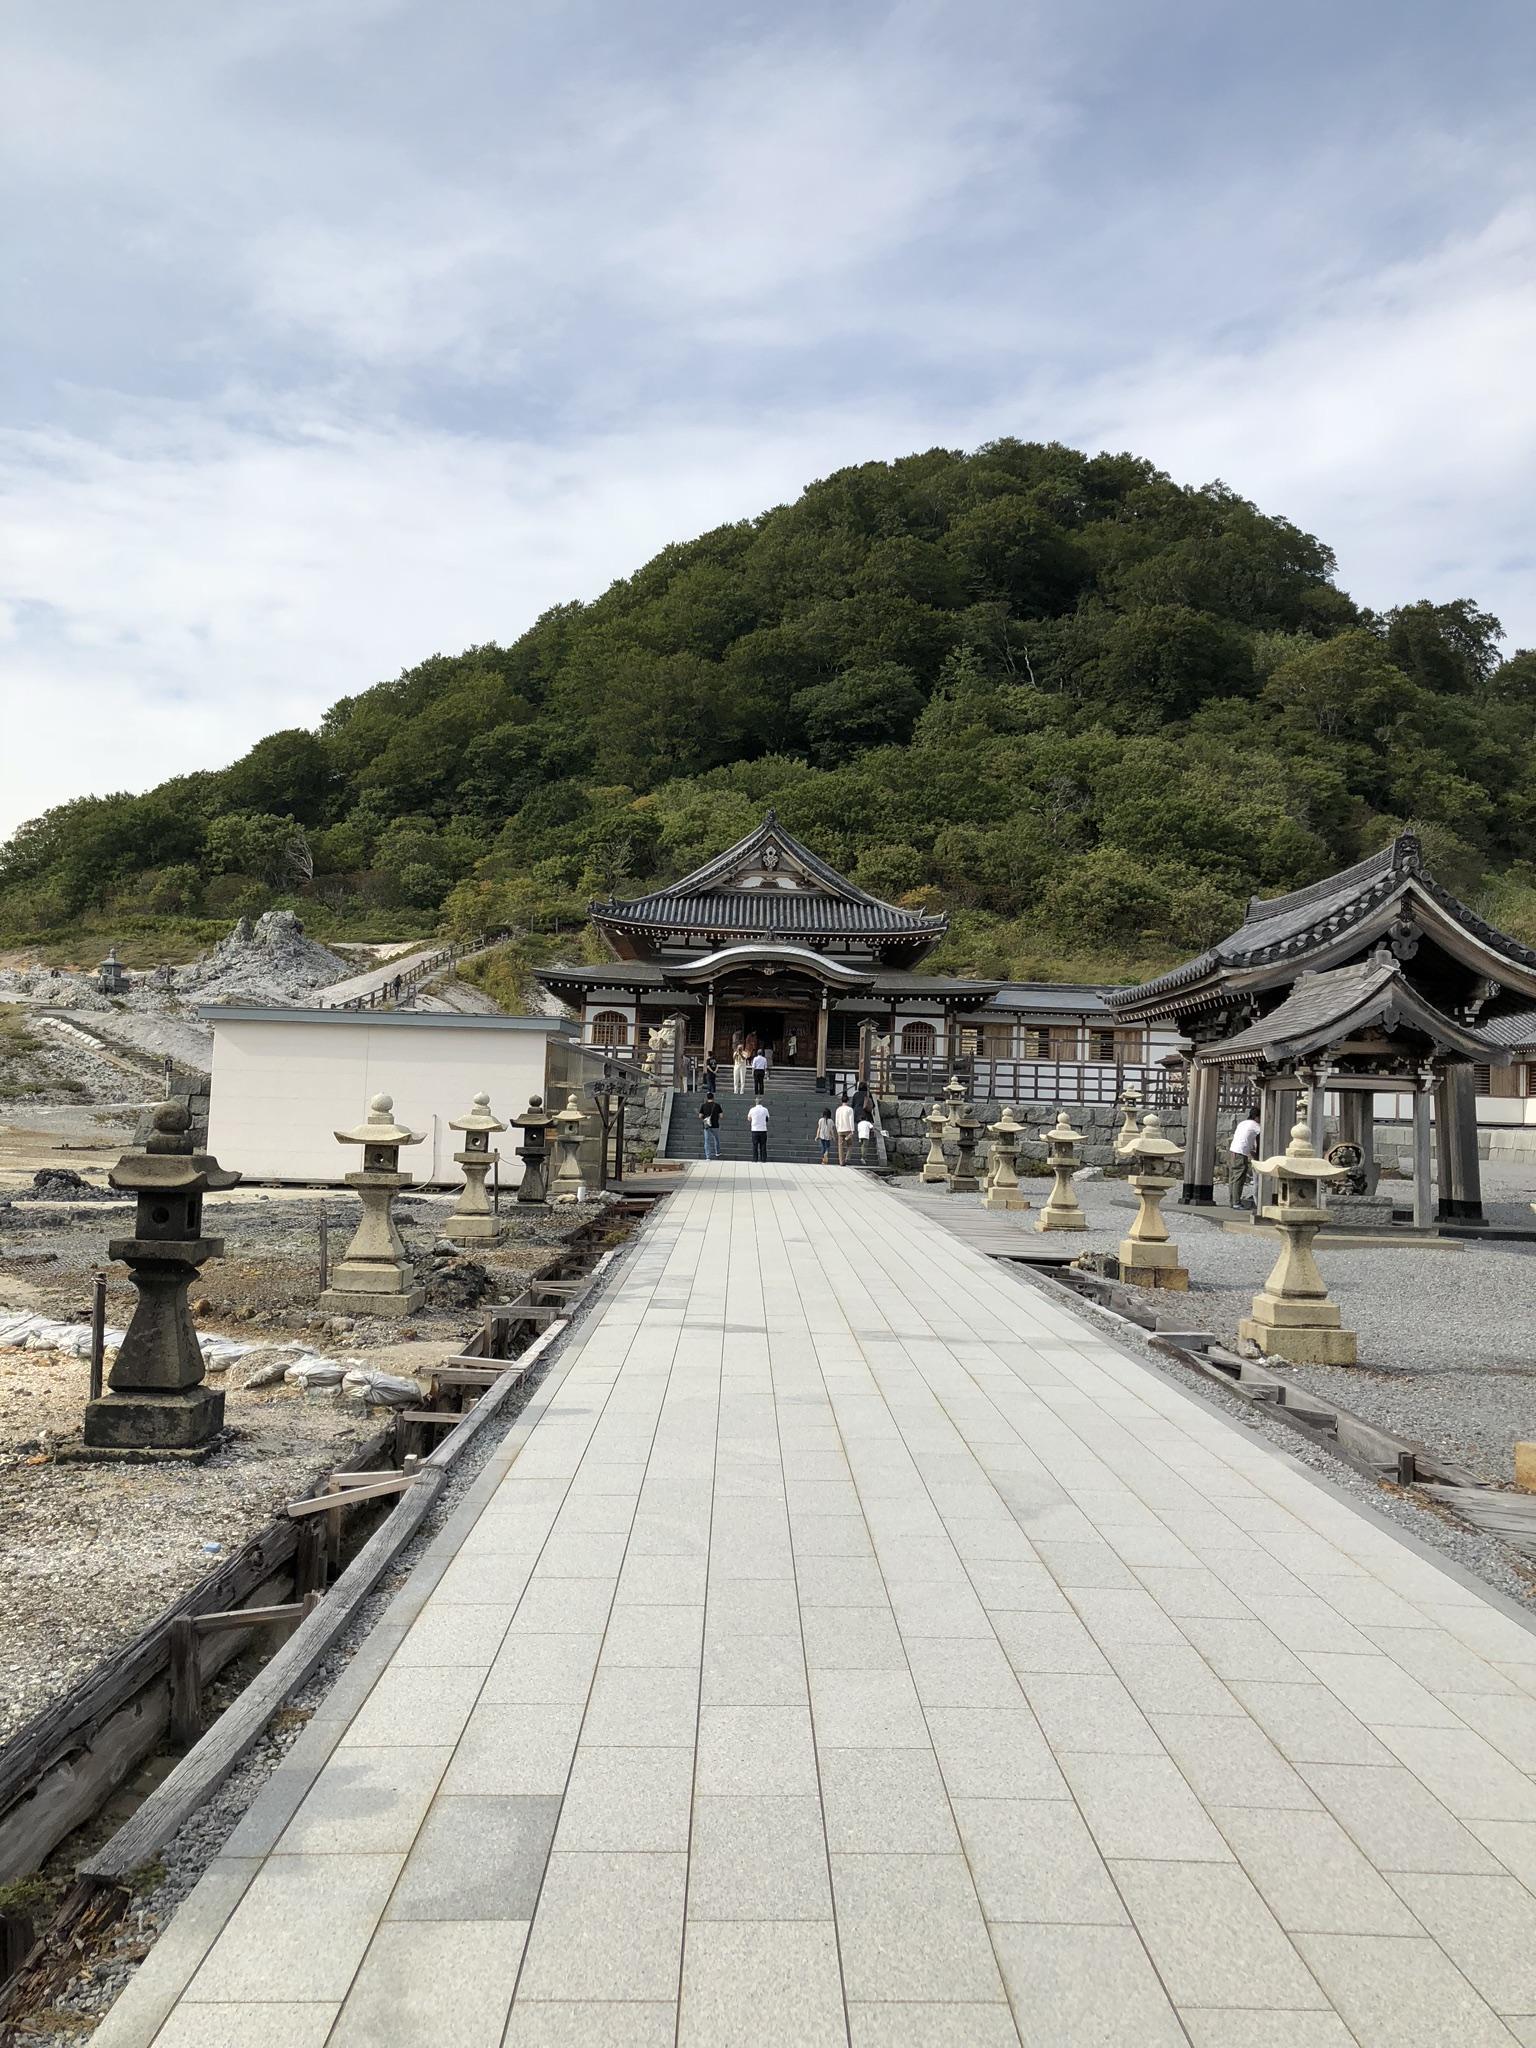 菩提寺(恐山)の建物その他